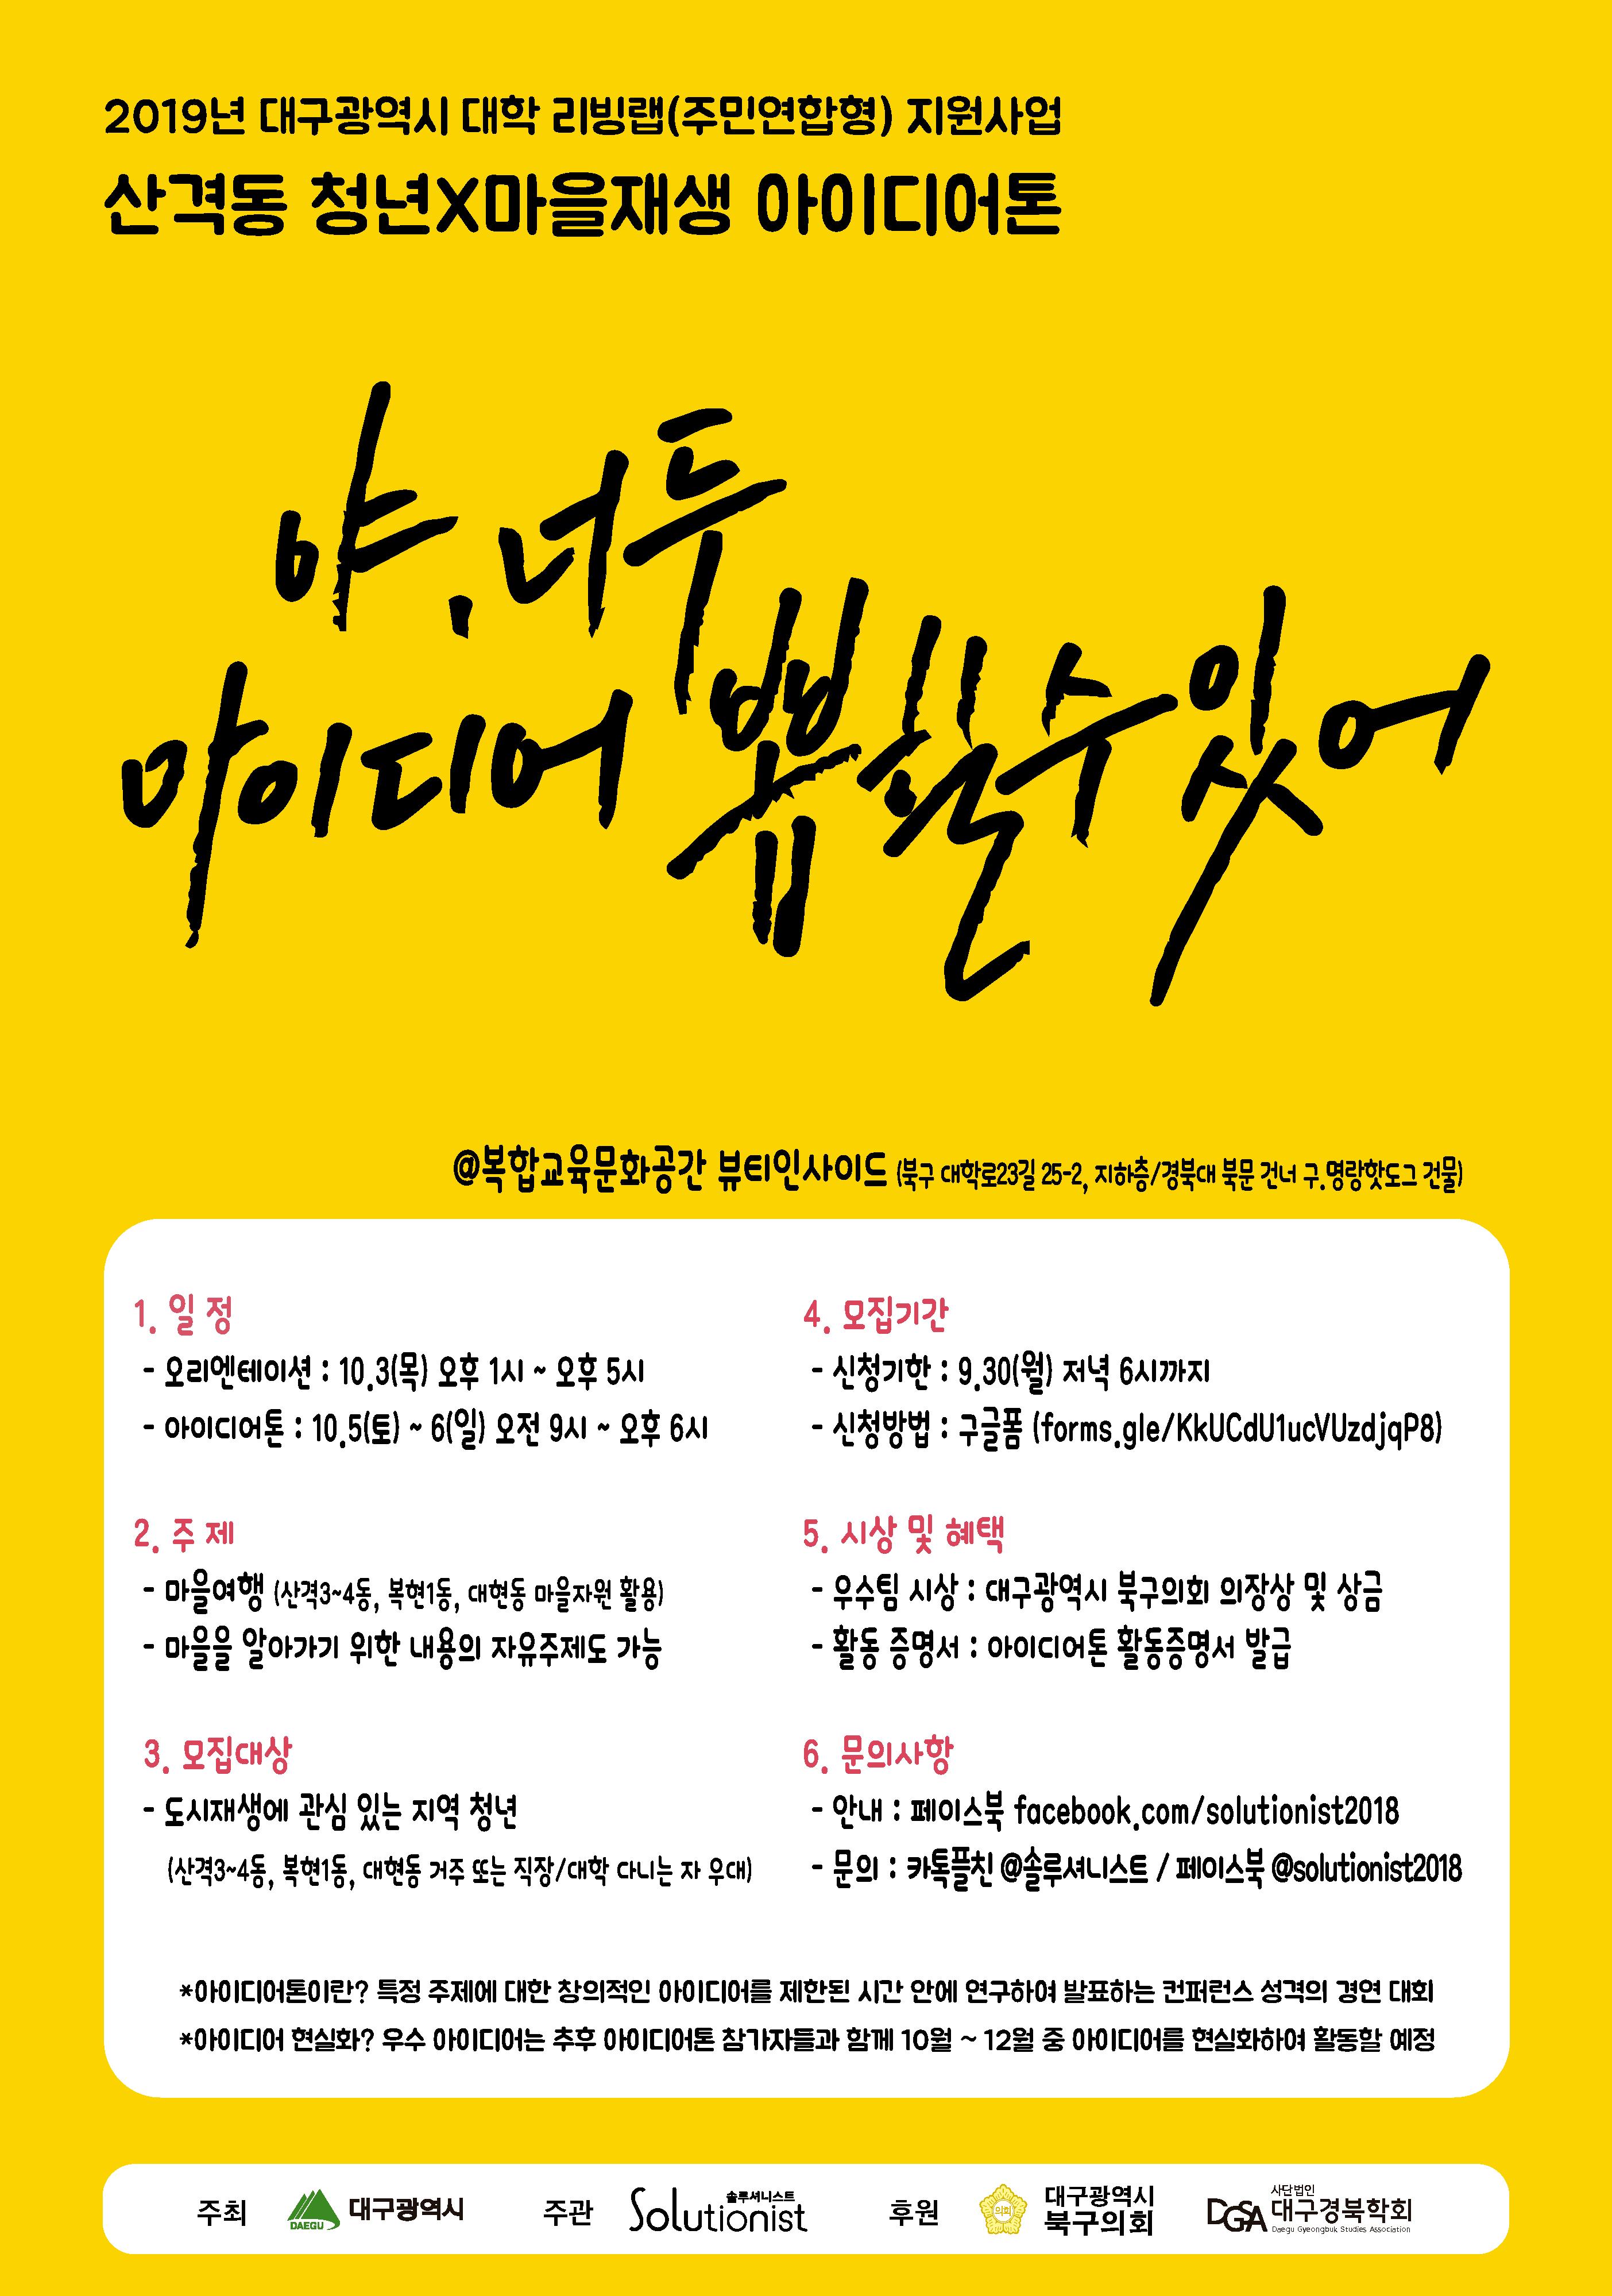 대구광역시 산격동 청년X마을재생 아이디어톤